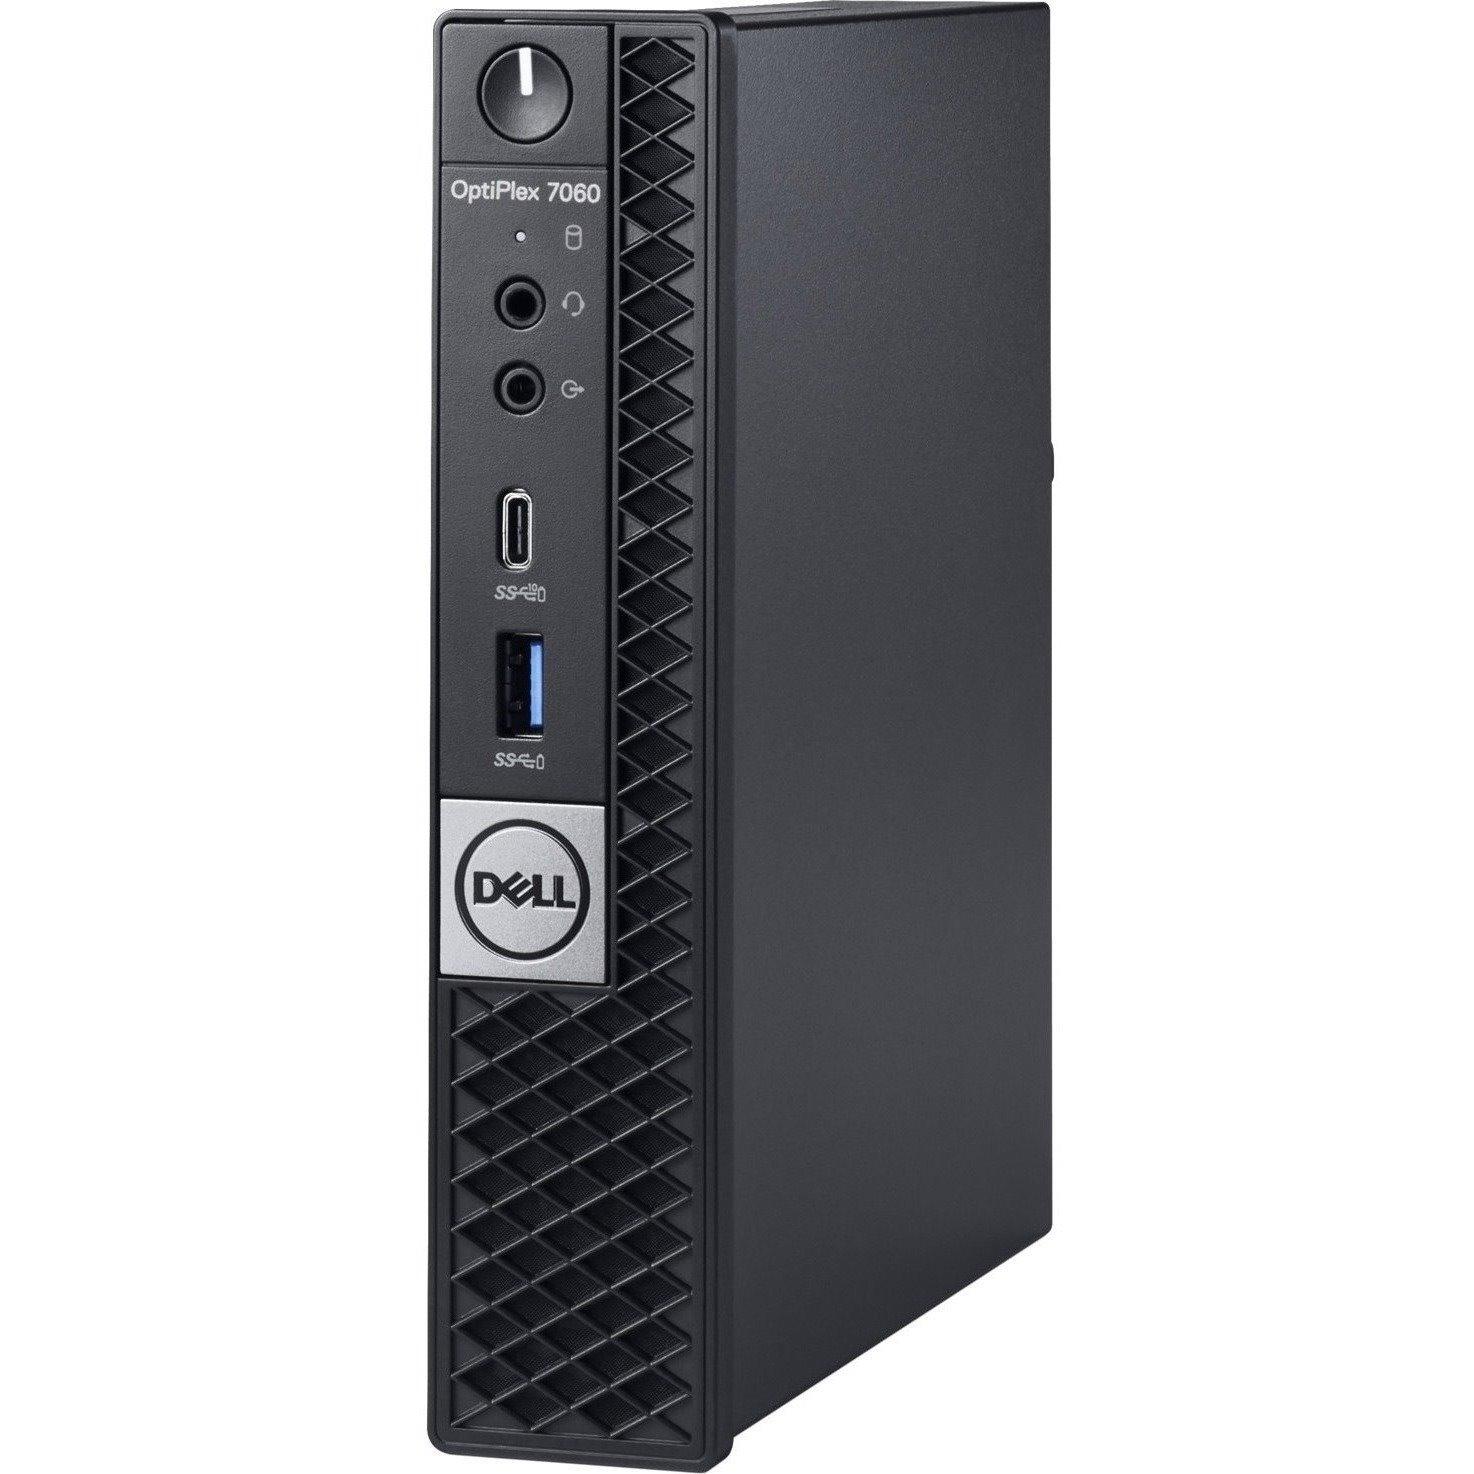 Dell OptiPlex 7000 7060 Desktop Computer - Intel Core i5 (8th Gen) i5-8500T - 8 GB DDR4 SDRAM - 128 GB SSD - Windows 10 Pro 64-bit (English) - Micro PC